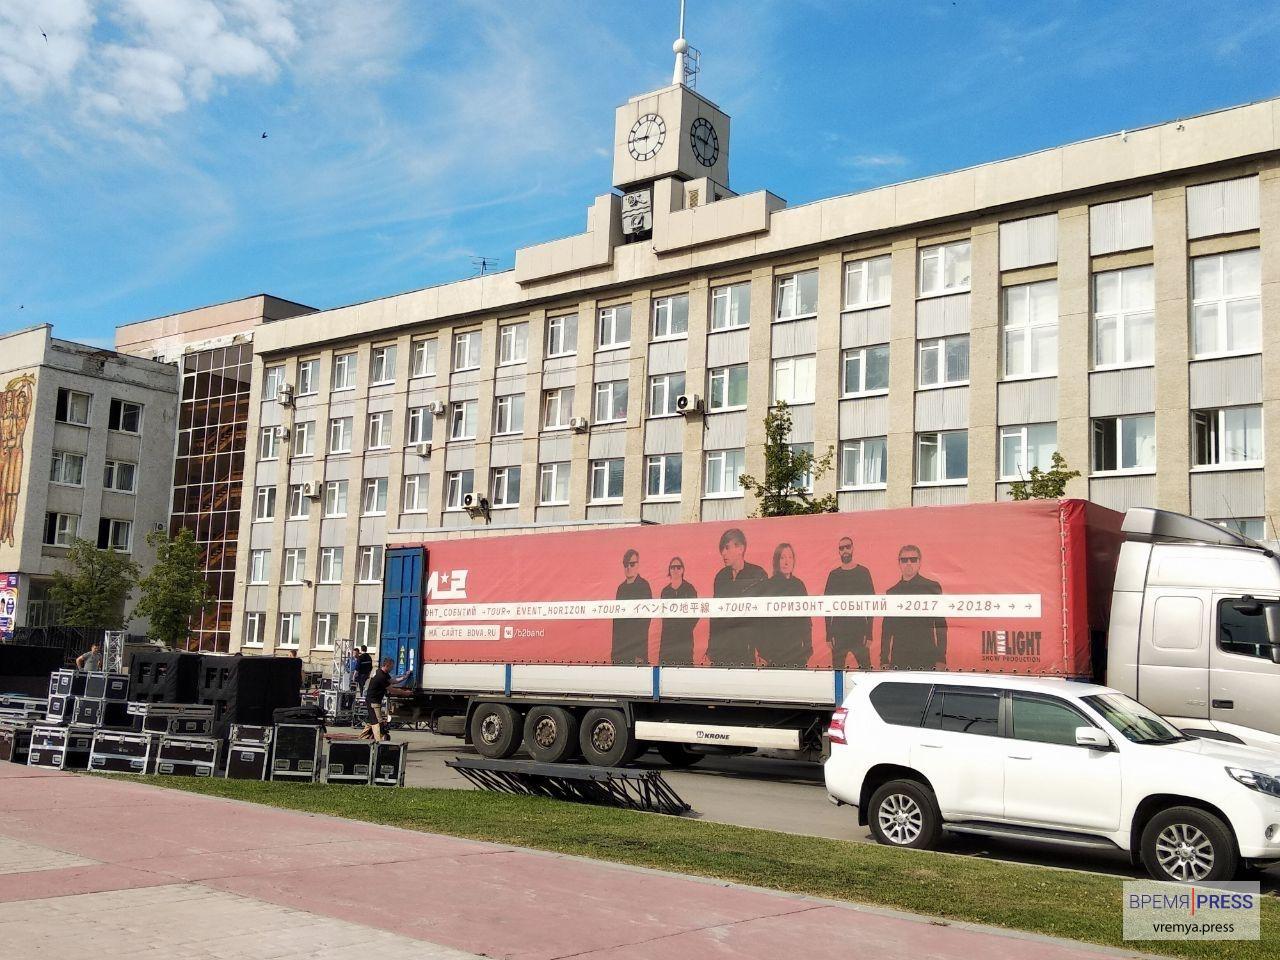 Би-2 на День города? Фура с логотипом и фото группы появилась на площади Ленкома